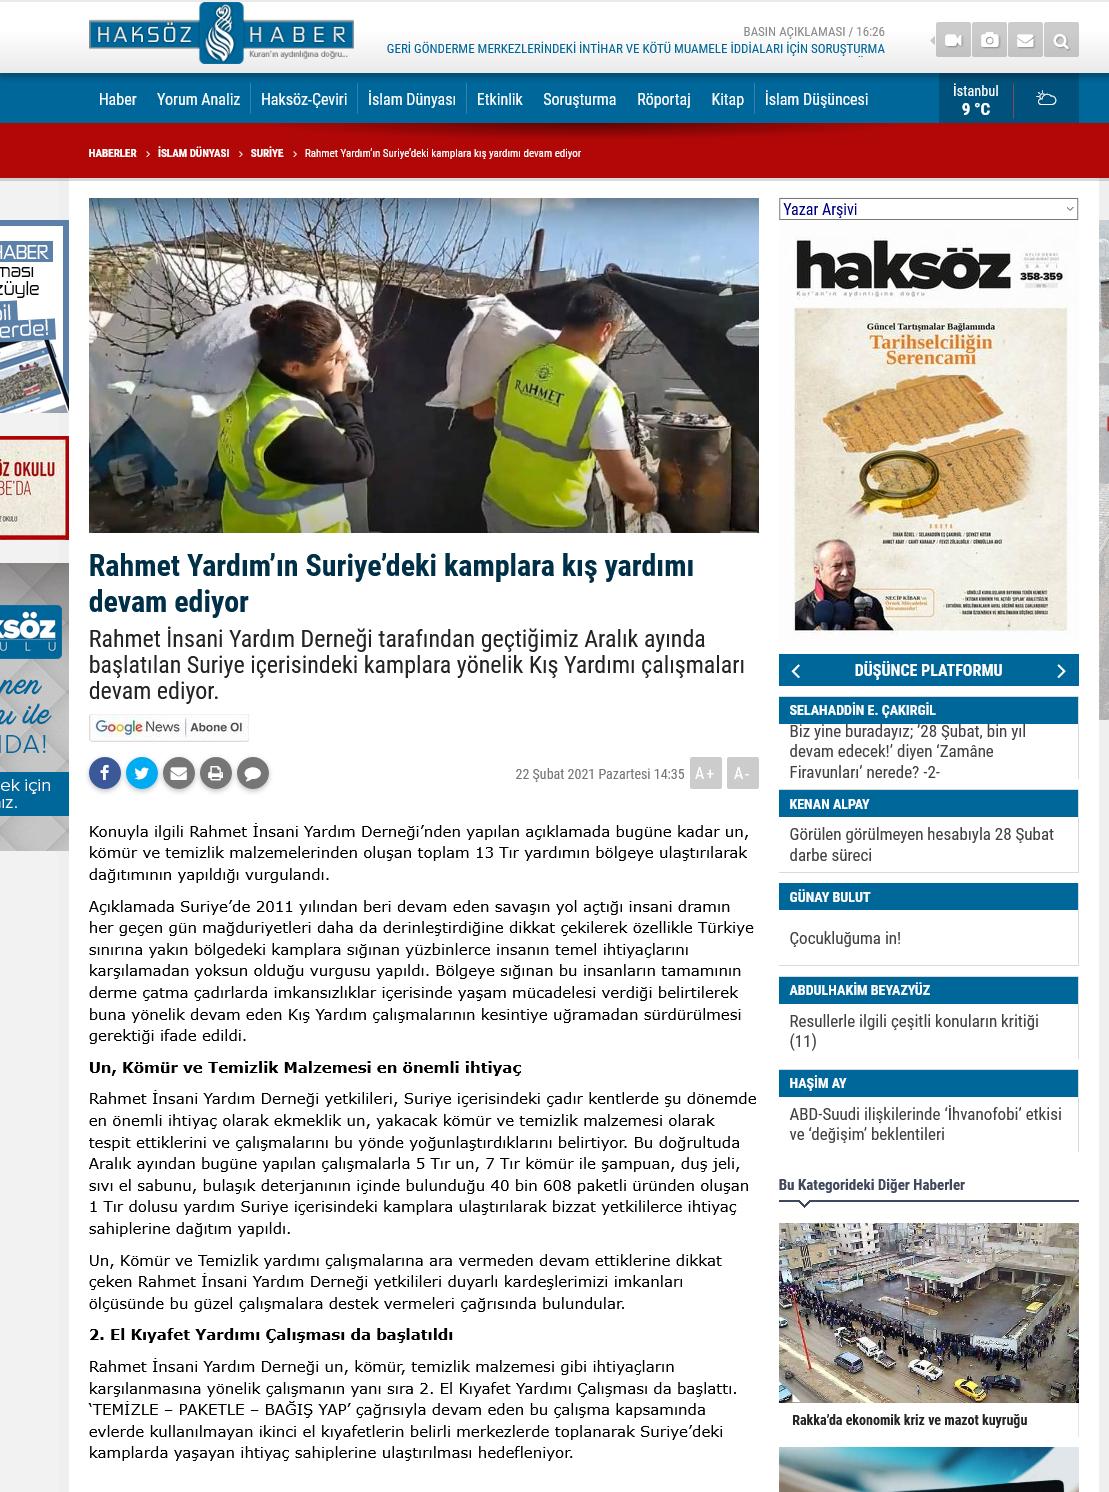 Screenshot_2021-03-01 Rahmet Yardım'ın Suriye'deki kamplara kış yardımı devam ediyor